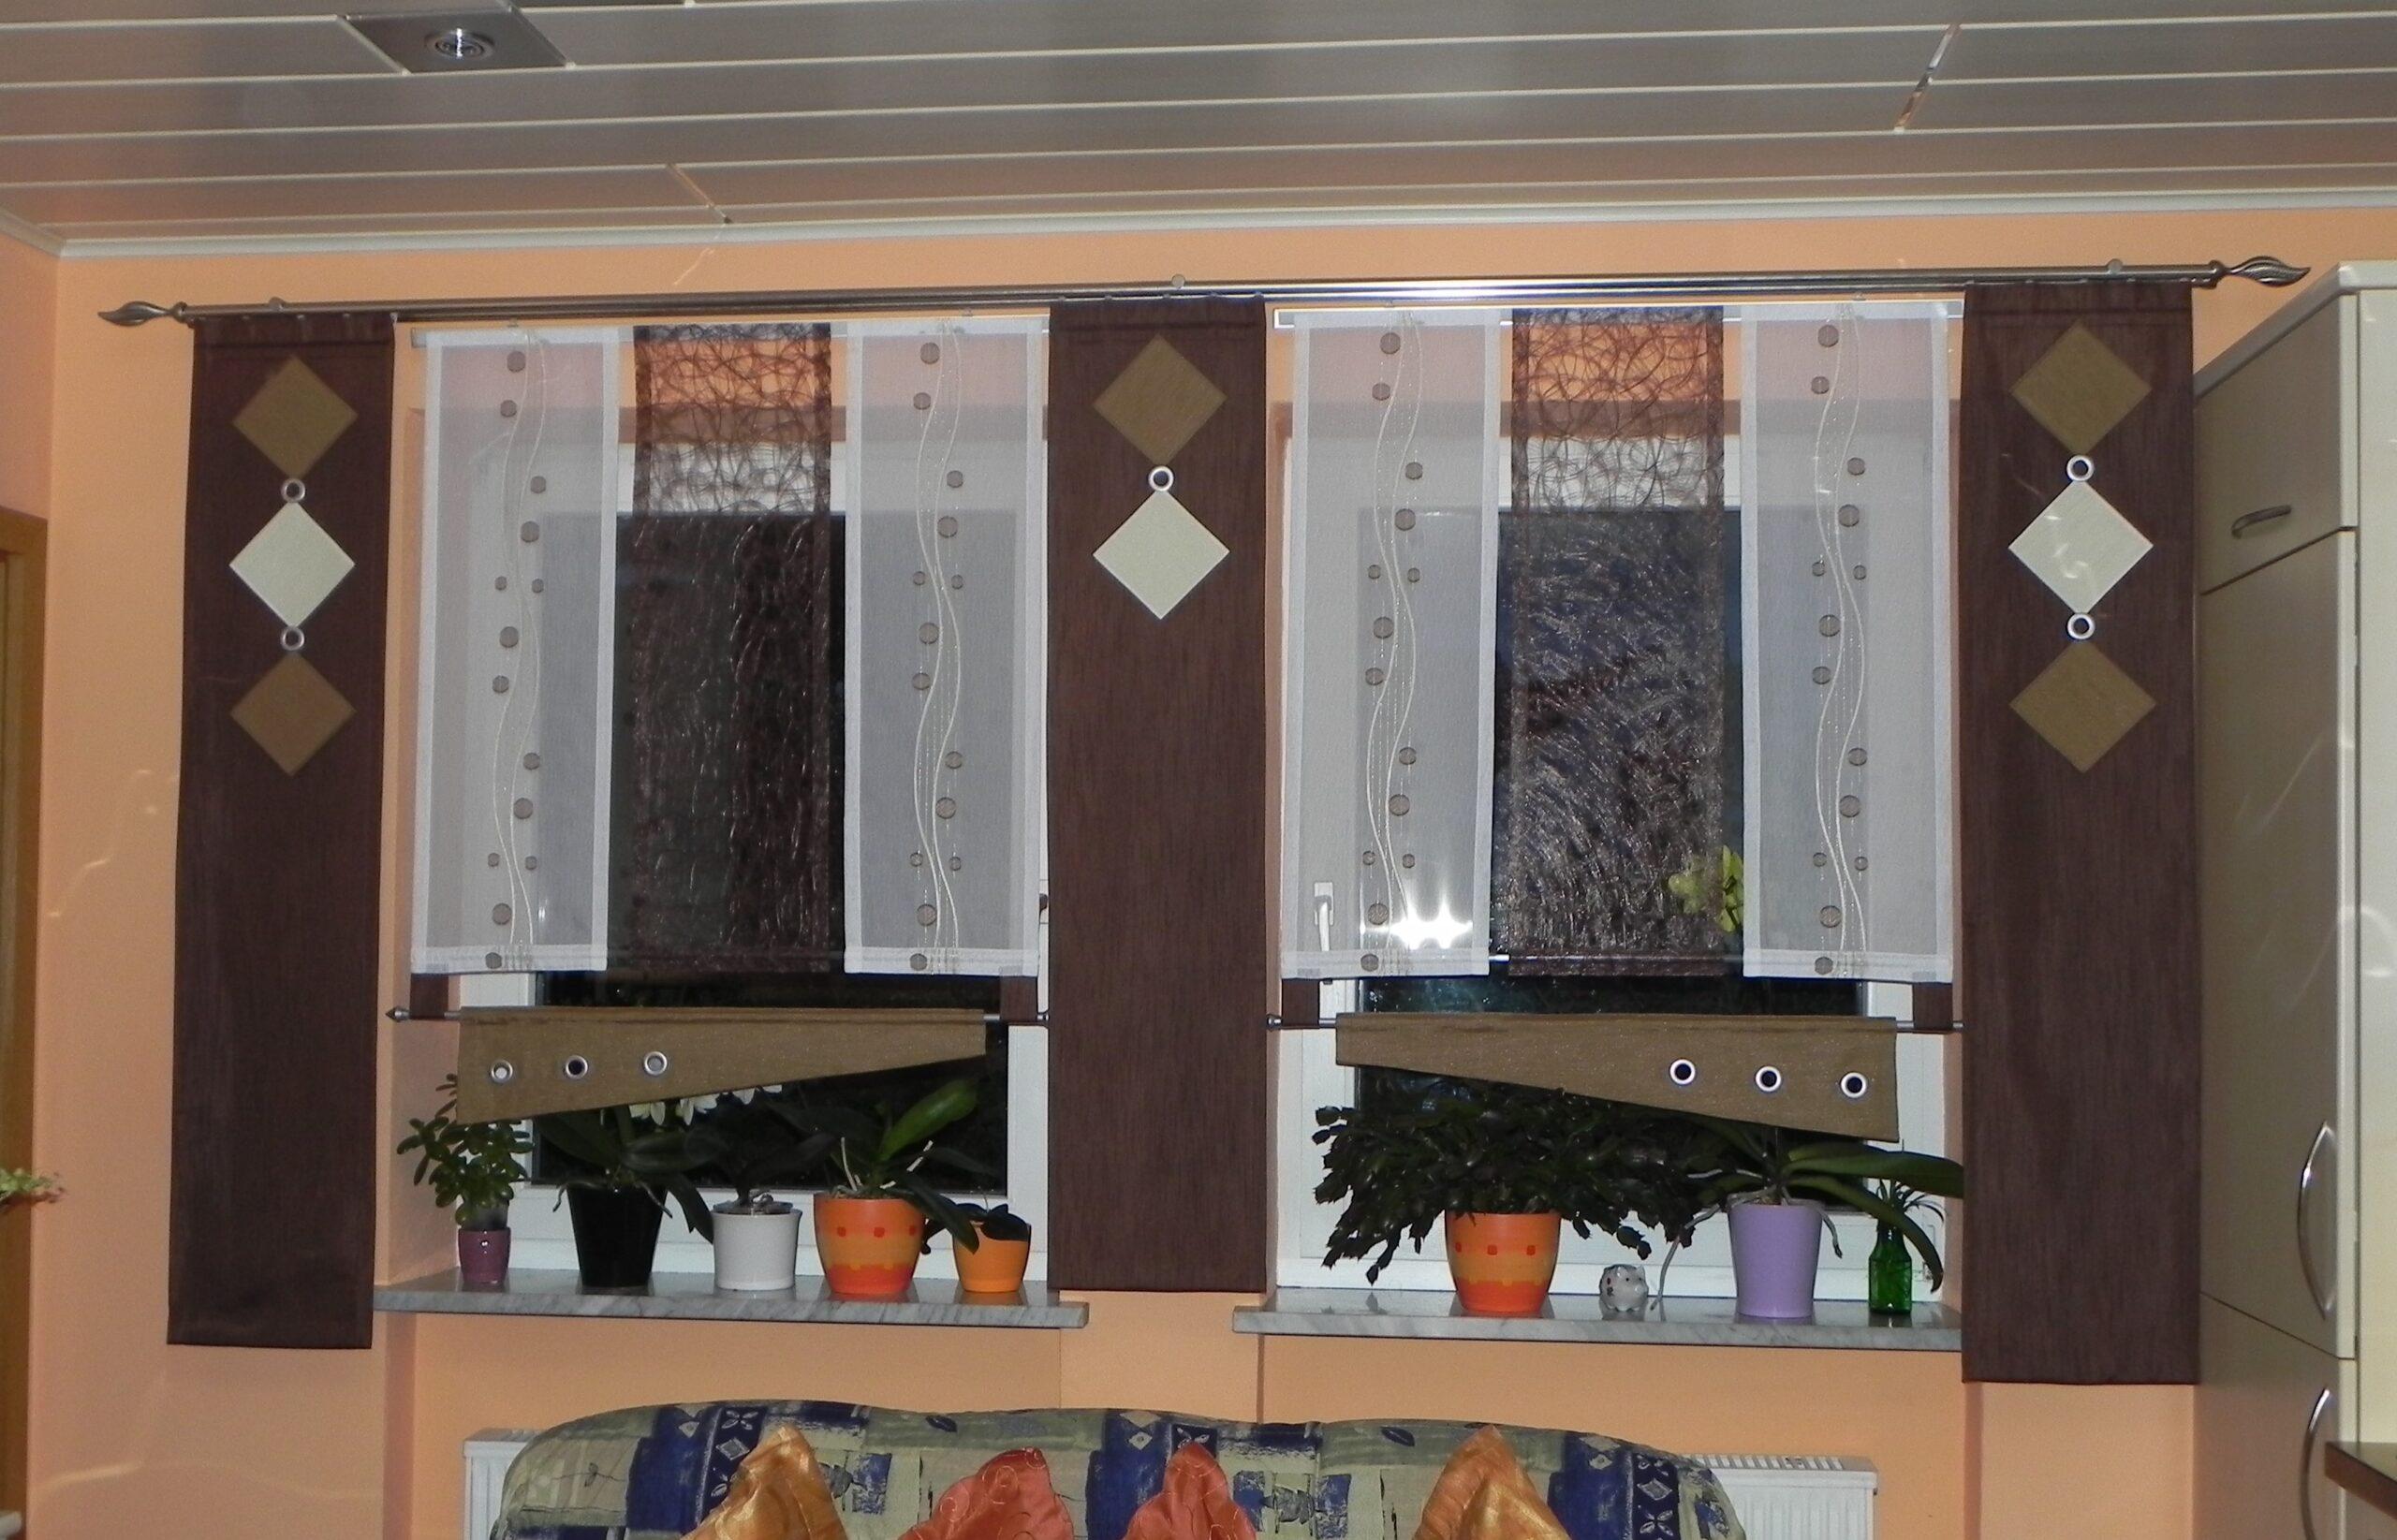 Full Size of Margas Gardinenstudio Gardinenstoffe Und Gardinen Nach Wunschma Küche Scheibengardinen Modernes Sofa Schlafzimmer Moderne Esstische Bett 180x200 Fenster Wohnzimmer Moderne Gardinen